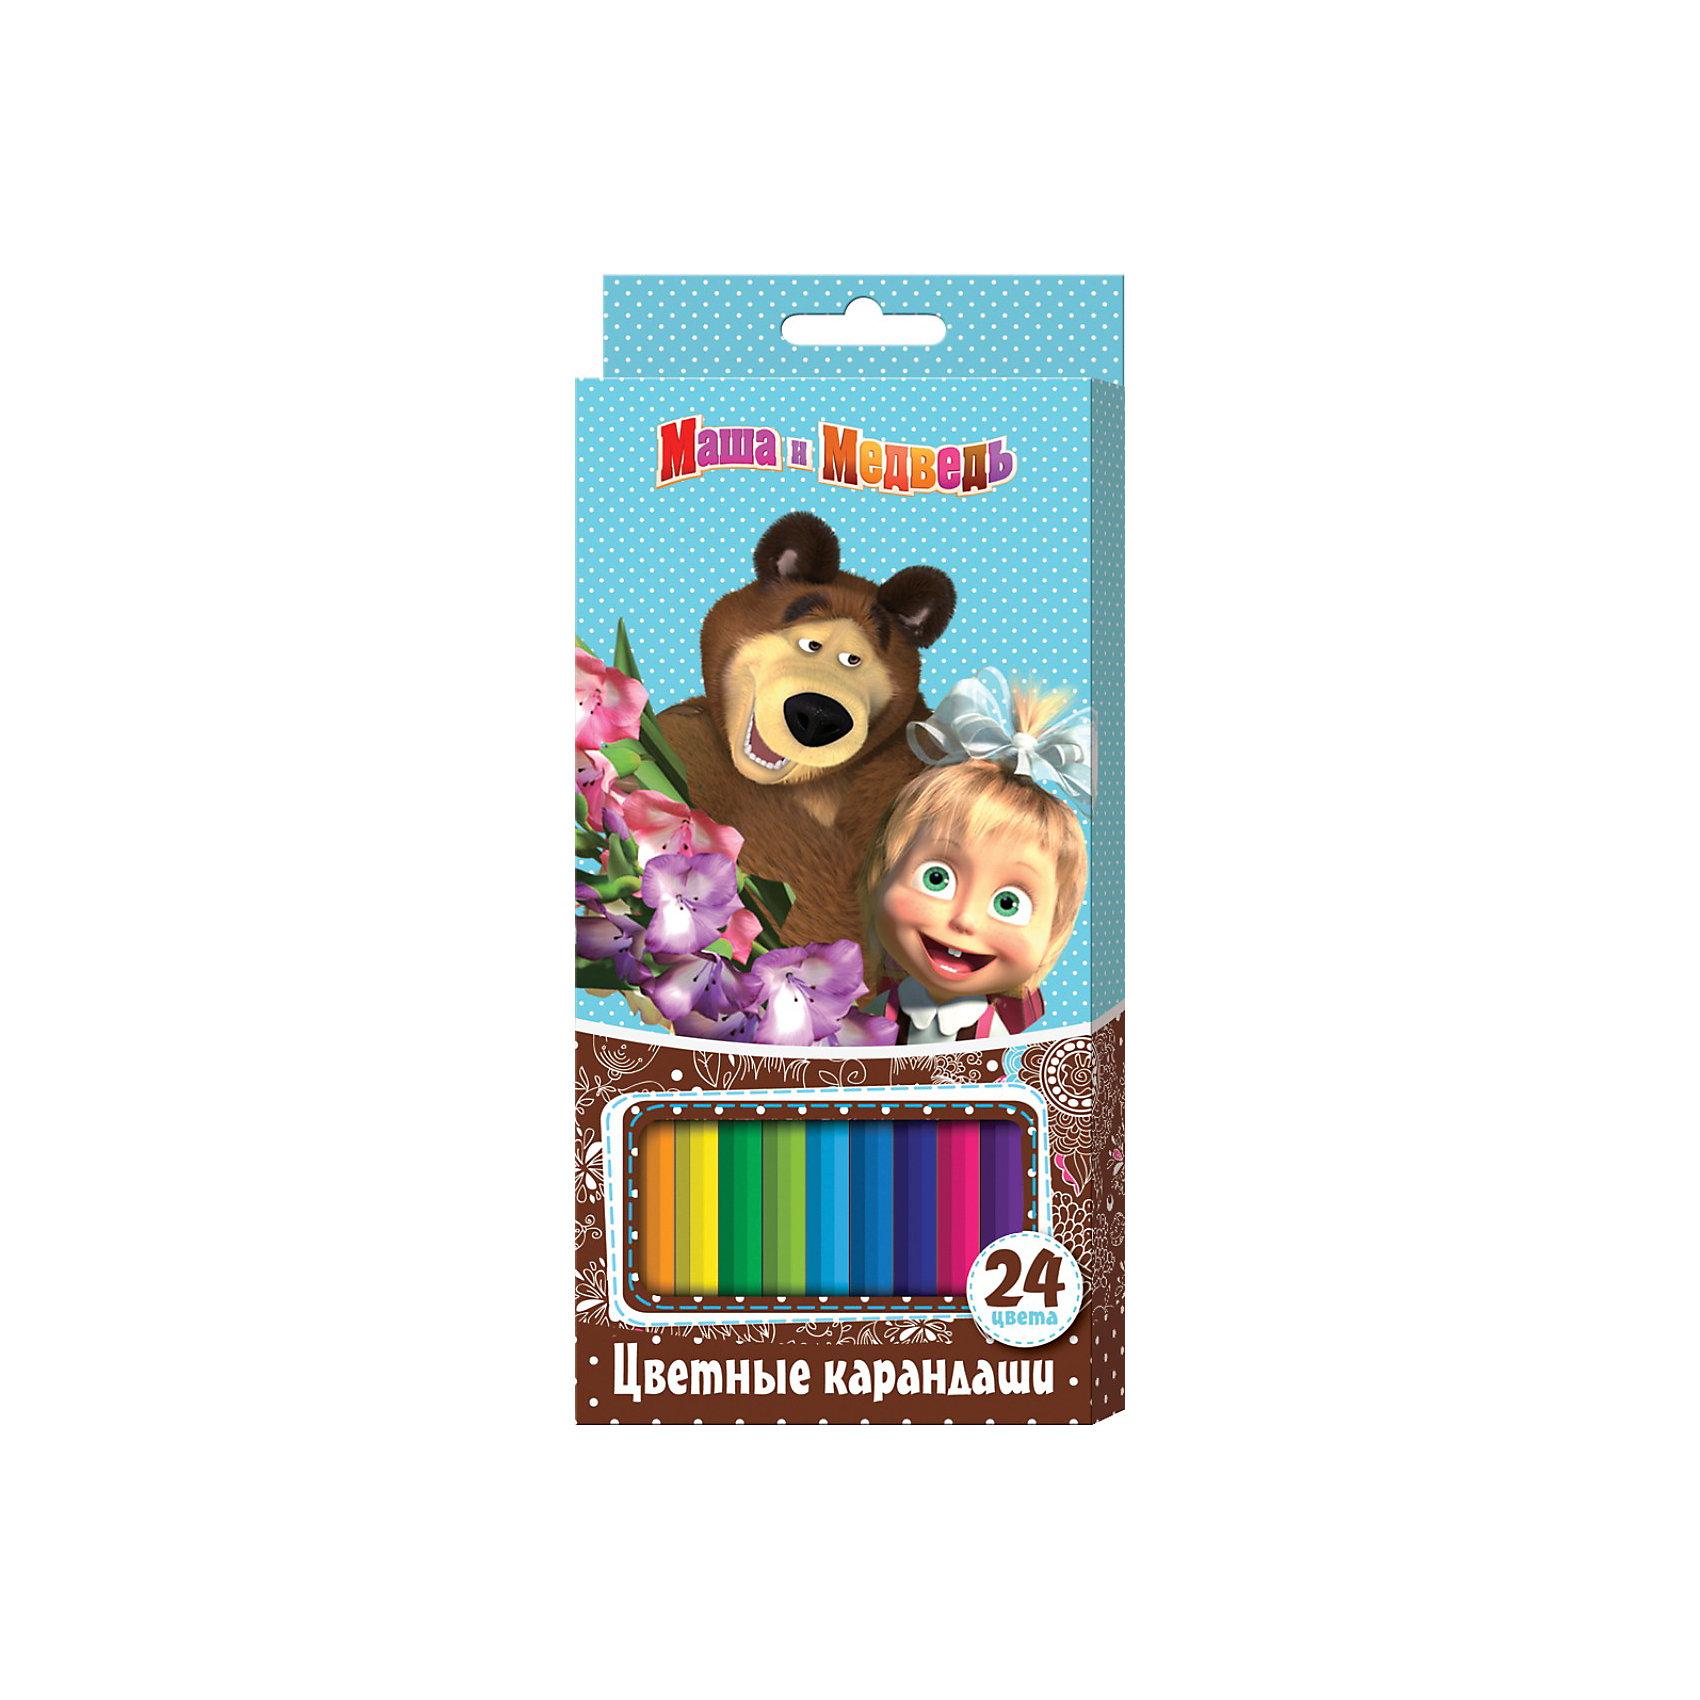 Цветные карандаши (24 цвета, шестигранные), Маша и МедведьМаша и Медведь<br>Цветные карандаши (24 цвета, шестигранные), Маша и Медведь порадуют юного художника. В наборе «Маша и Медведь» 24 цветных шестигранных карандаша, идеально подходящих для рисования, письма и раскрашивания и не требующих сильного нажатия, поэтому крохе будет легко ими рисовать. Карандаши обладают яркими цветами, безопасны при использовании по назначению, легко затачиваются, изготовлены из высококачественной древесины, имеют прочный грифель, который не сломается при заточке и не раскрошится внутри корпуса, если ребёнок нечаянно уронит карандаш на пол.<br><br>Дополнительная информация:<br><br>- Количество: 24 шт.<br>- Шестигранная форма<br>- Насыщенные цвета<br>- Материал корпуса: древесина<br>- Размер: 210 x 90 х 15 мм.<br>- Вес: 150 гр.<br><br>Цветные карандаши (24 цвета, шестигранные), Маша и Медведь можно купить в нашем интернет-магазине.<br><br>Ширина мм: 210<br>Глубина мм: 90<br>Высота мм: 15<br>Вес г: 150<br>Возраст от месяцев: 36<br>Возраст до месяцев: 108<br>Пол: Унисекс<br>Возраст: Детский<br>SKU: 3781203